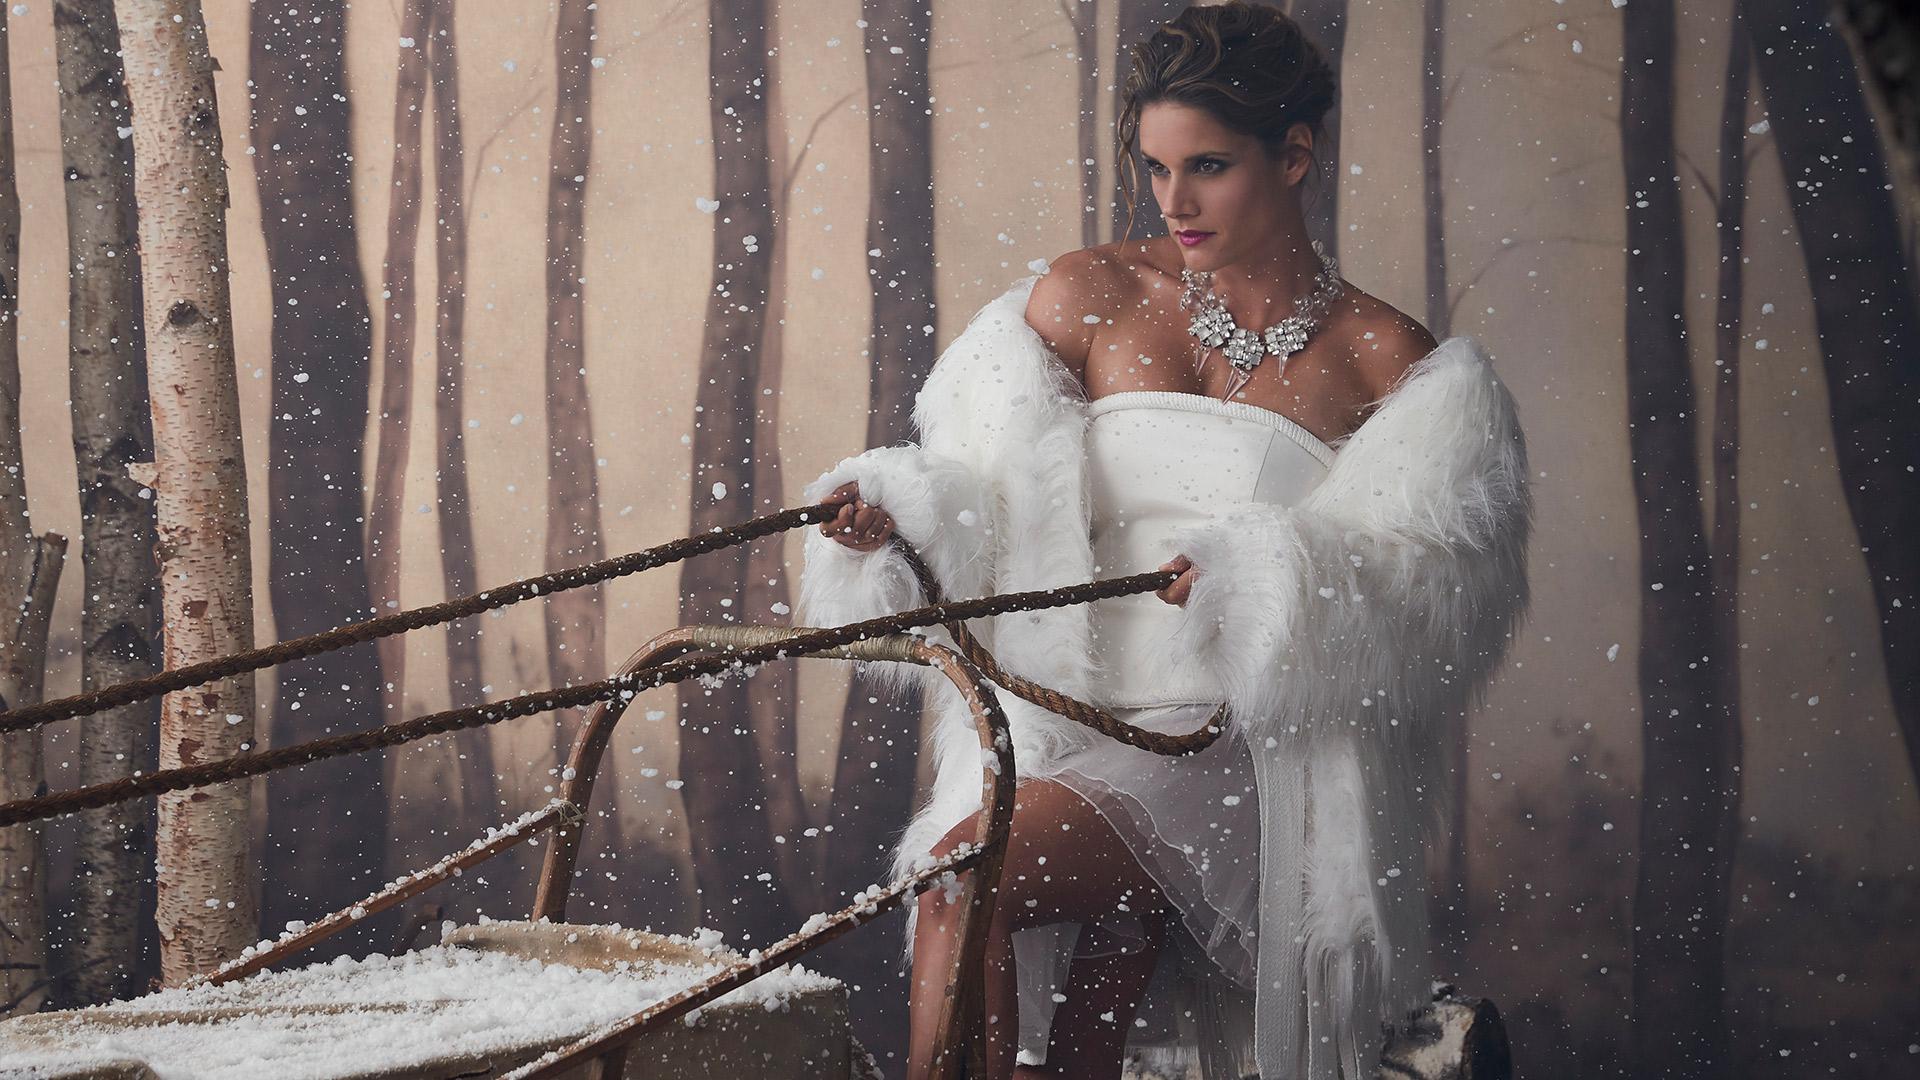 Missy Peregrym as a snow queen